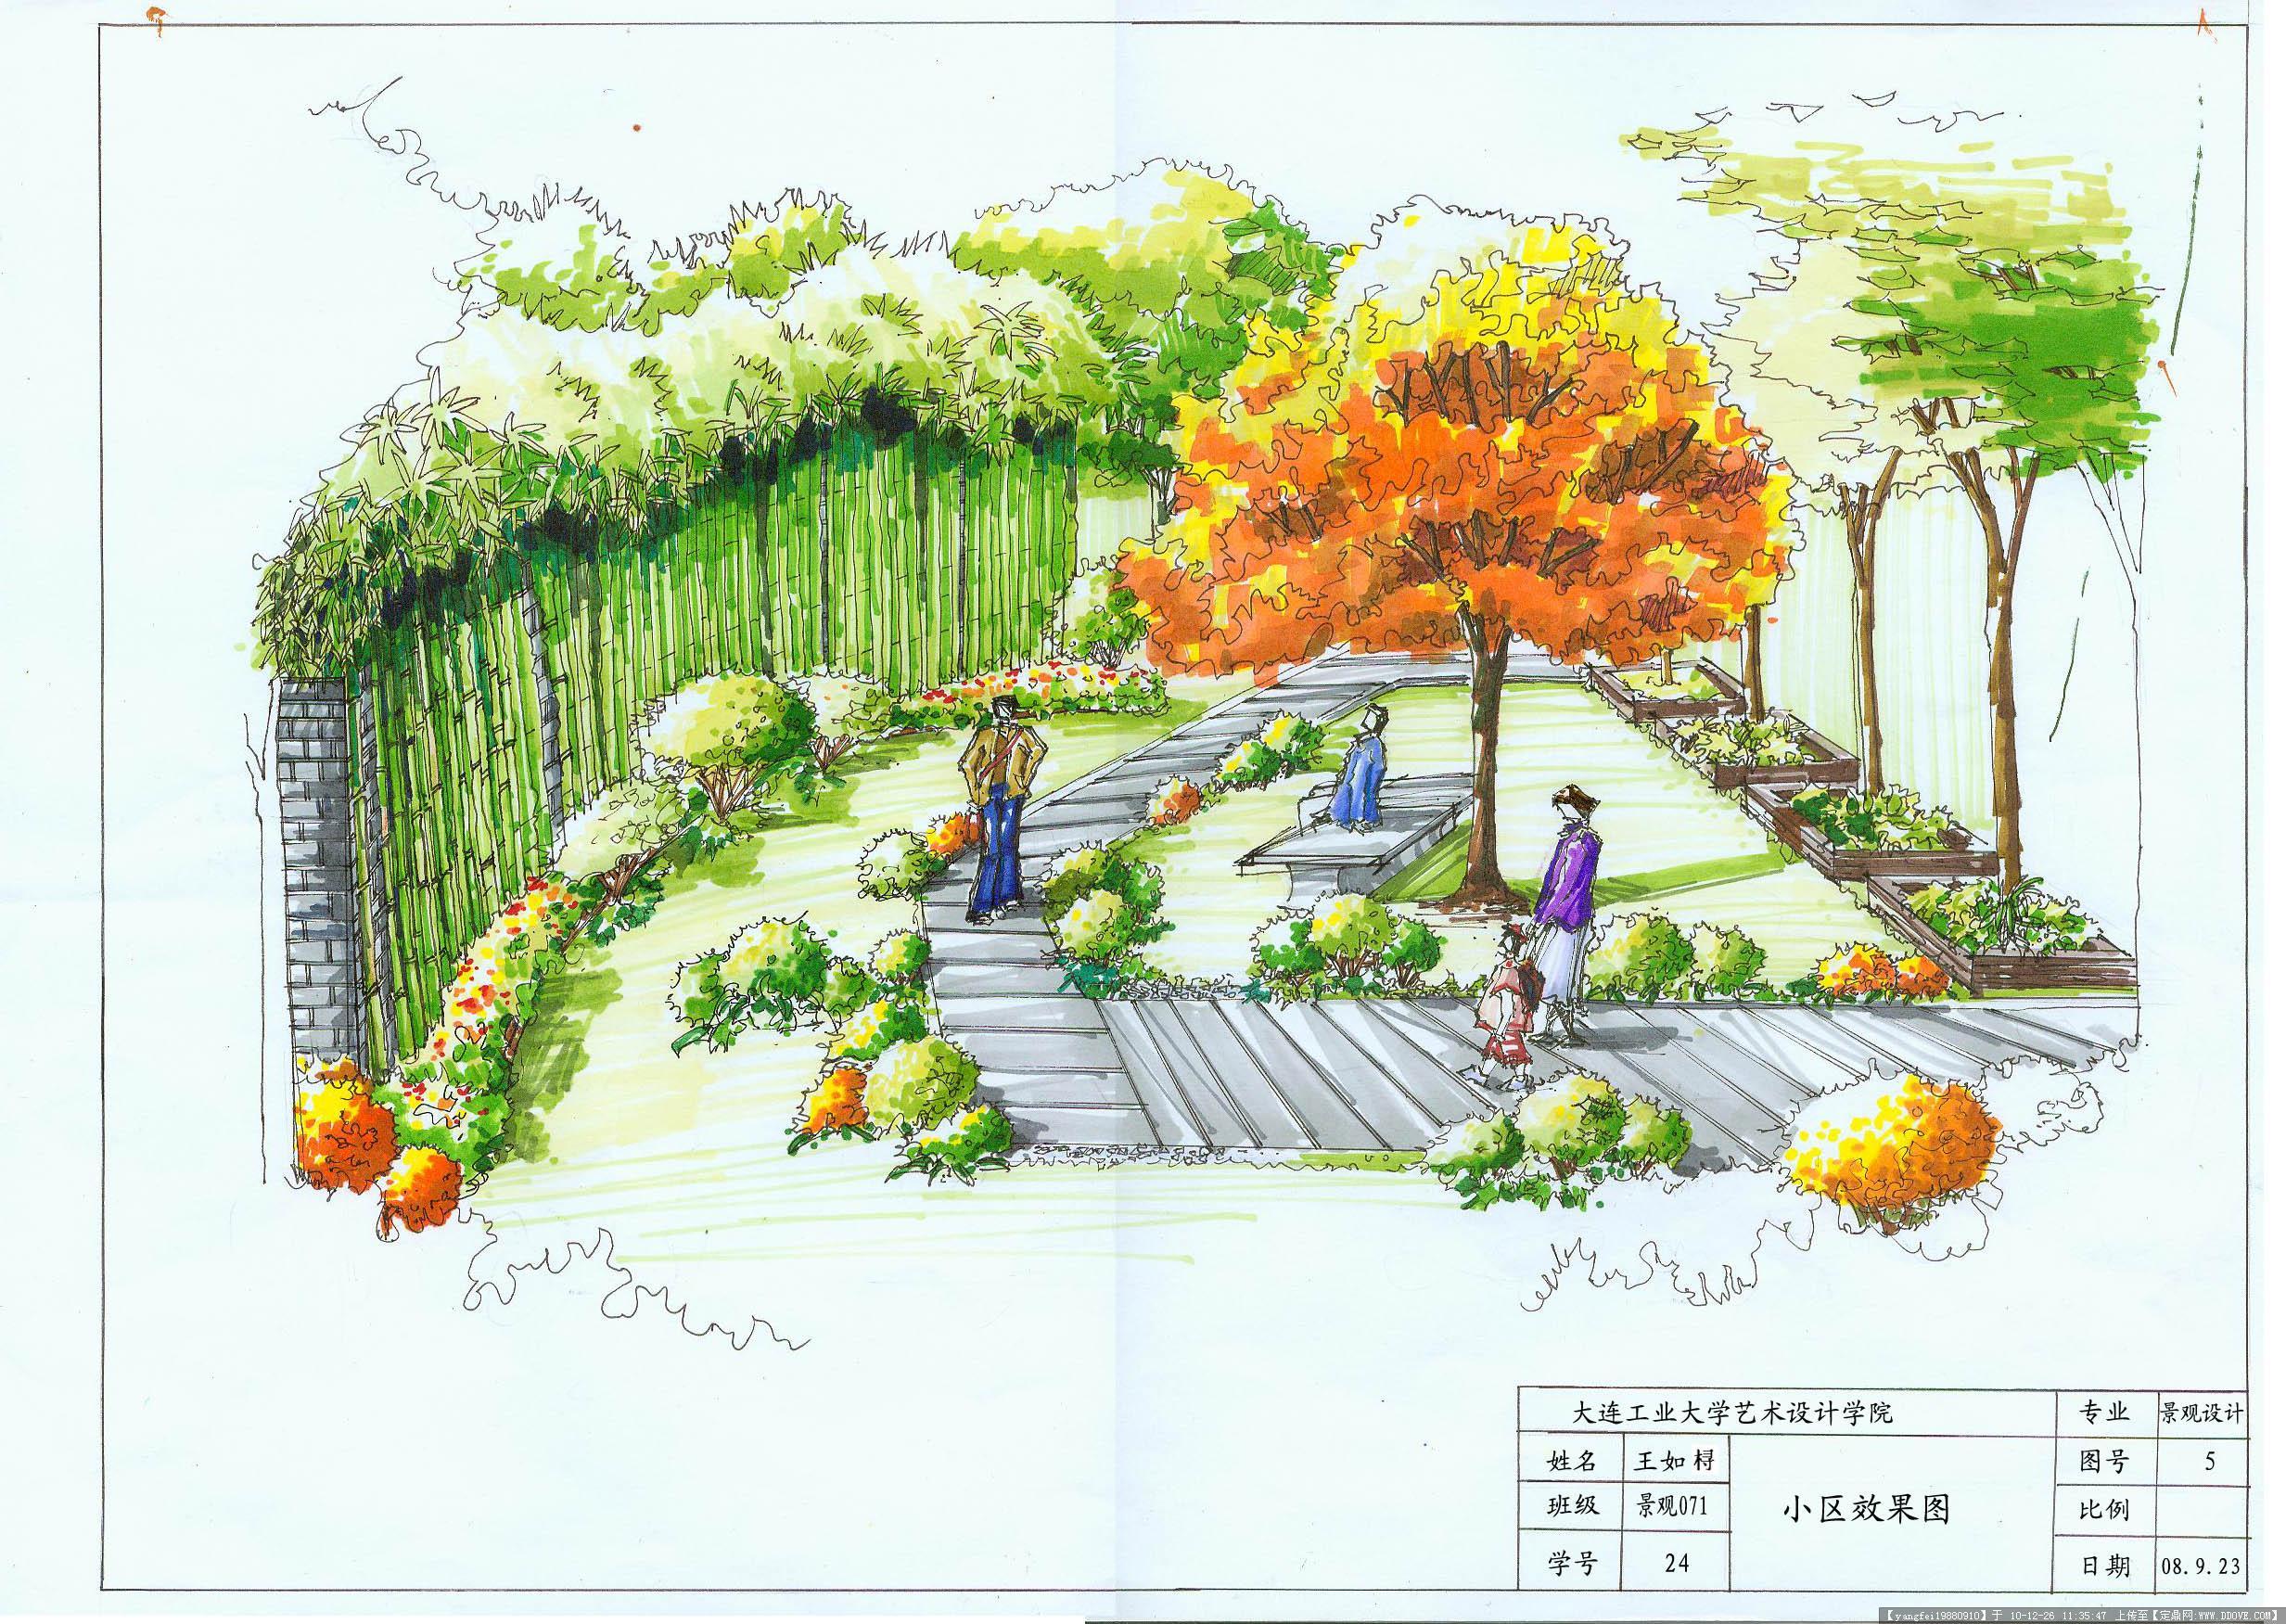 手绘效果 小区局部景观园林效果图(道路